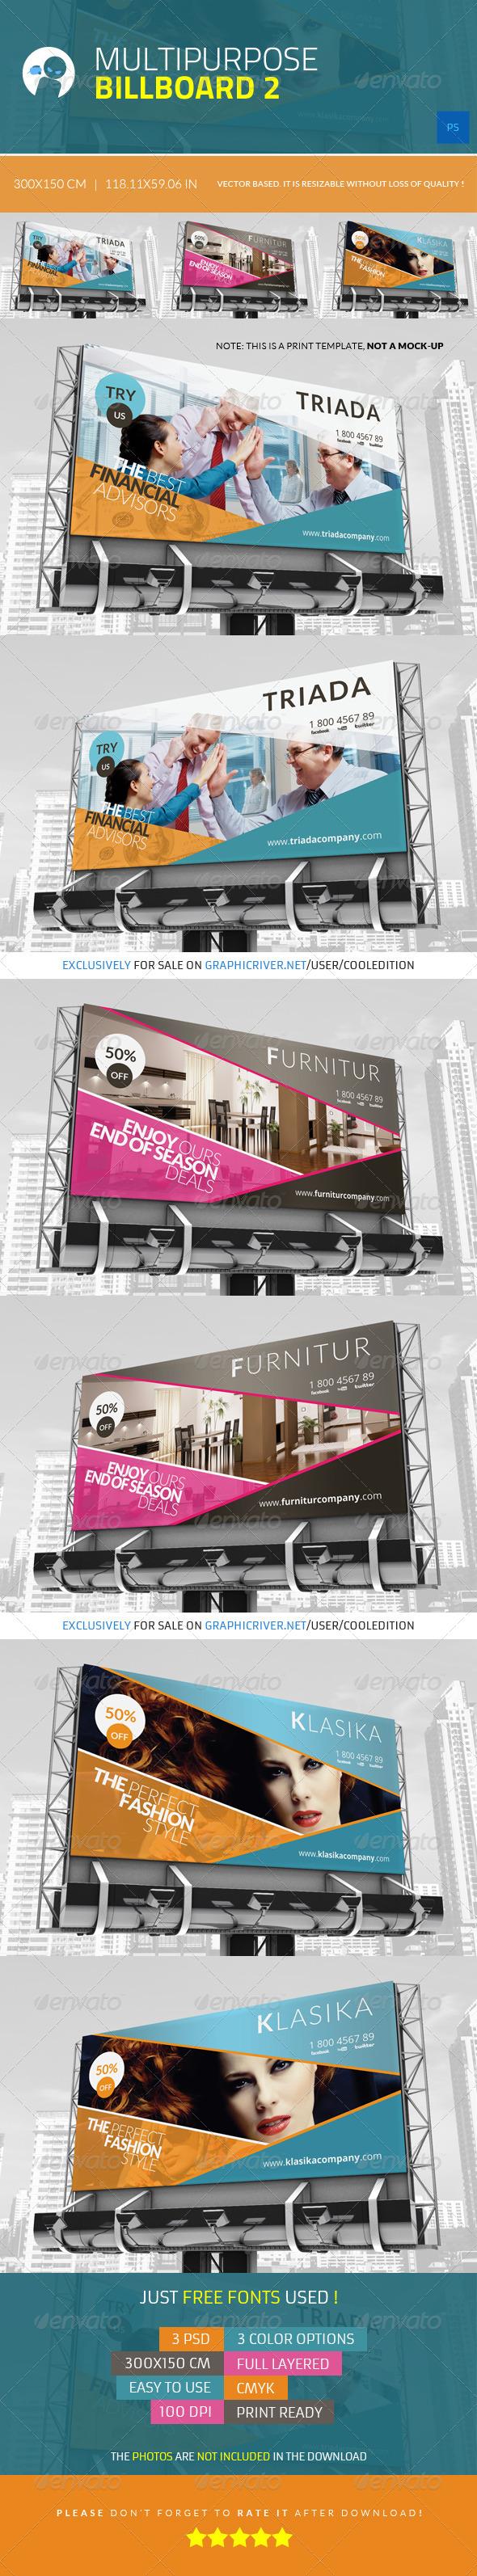 GraphicRiver Multipurpose Billboard 2 4337425